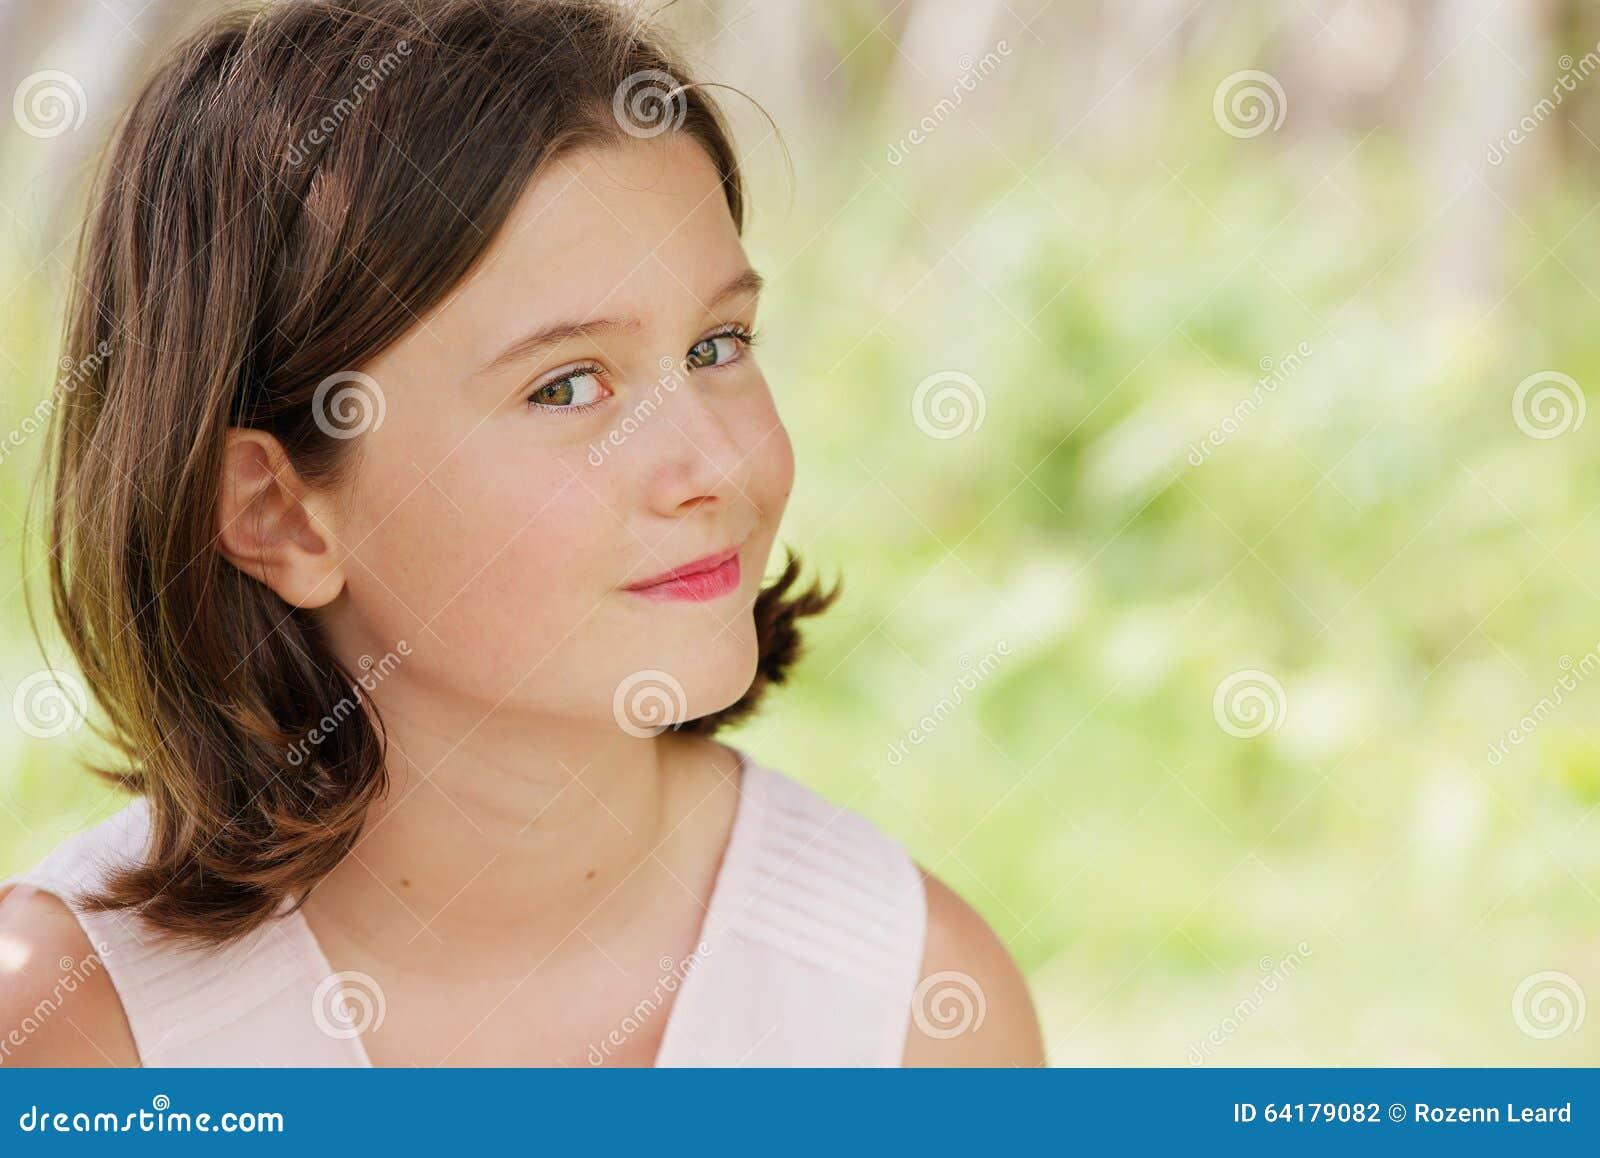 pretty cute smile of - photo #5